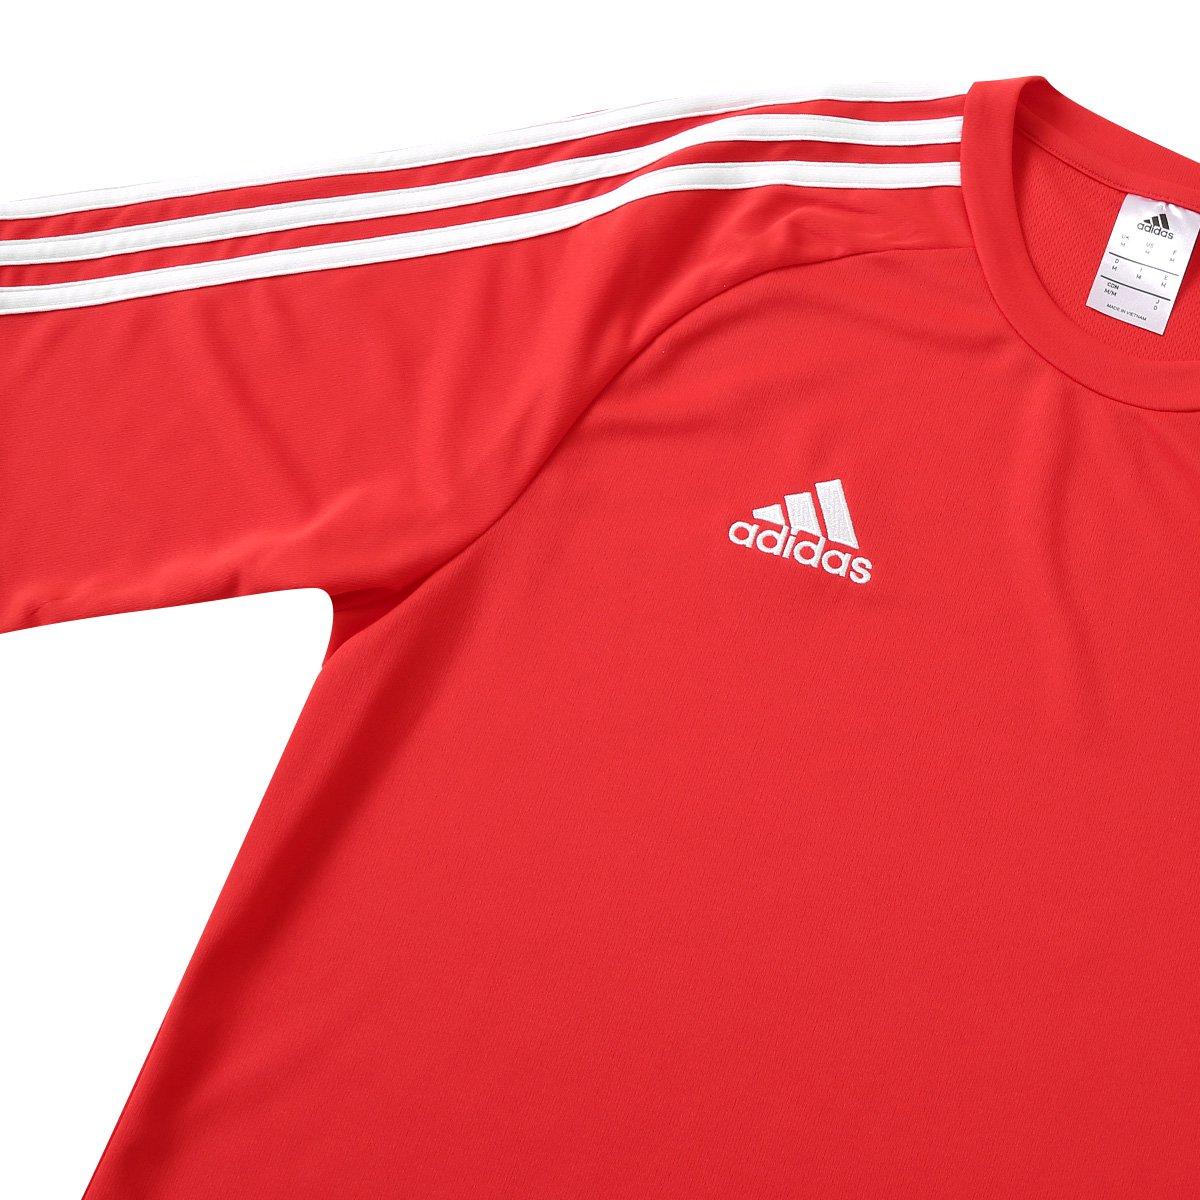 ... Camisa Adidas Estro 15 Masculina - Vermelho e Preto - Compre Agora . f13cf9994d10b